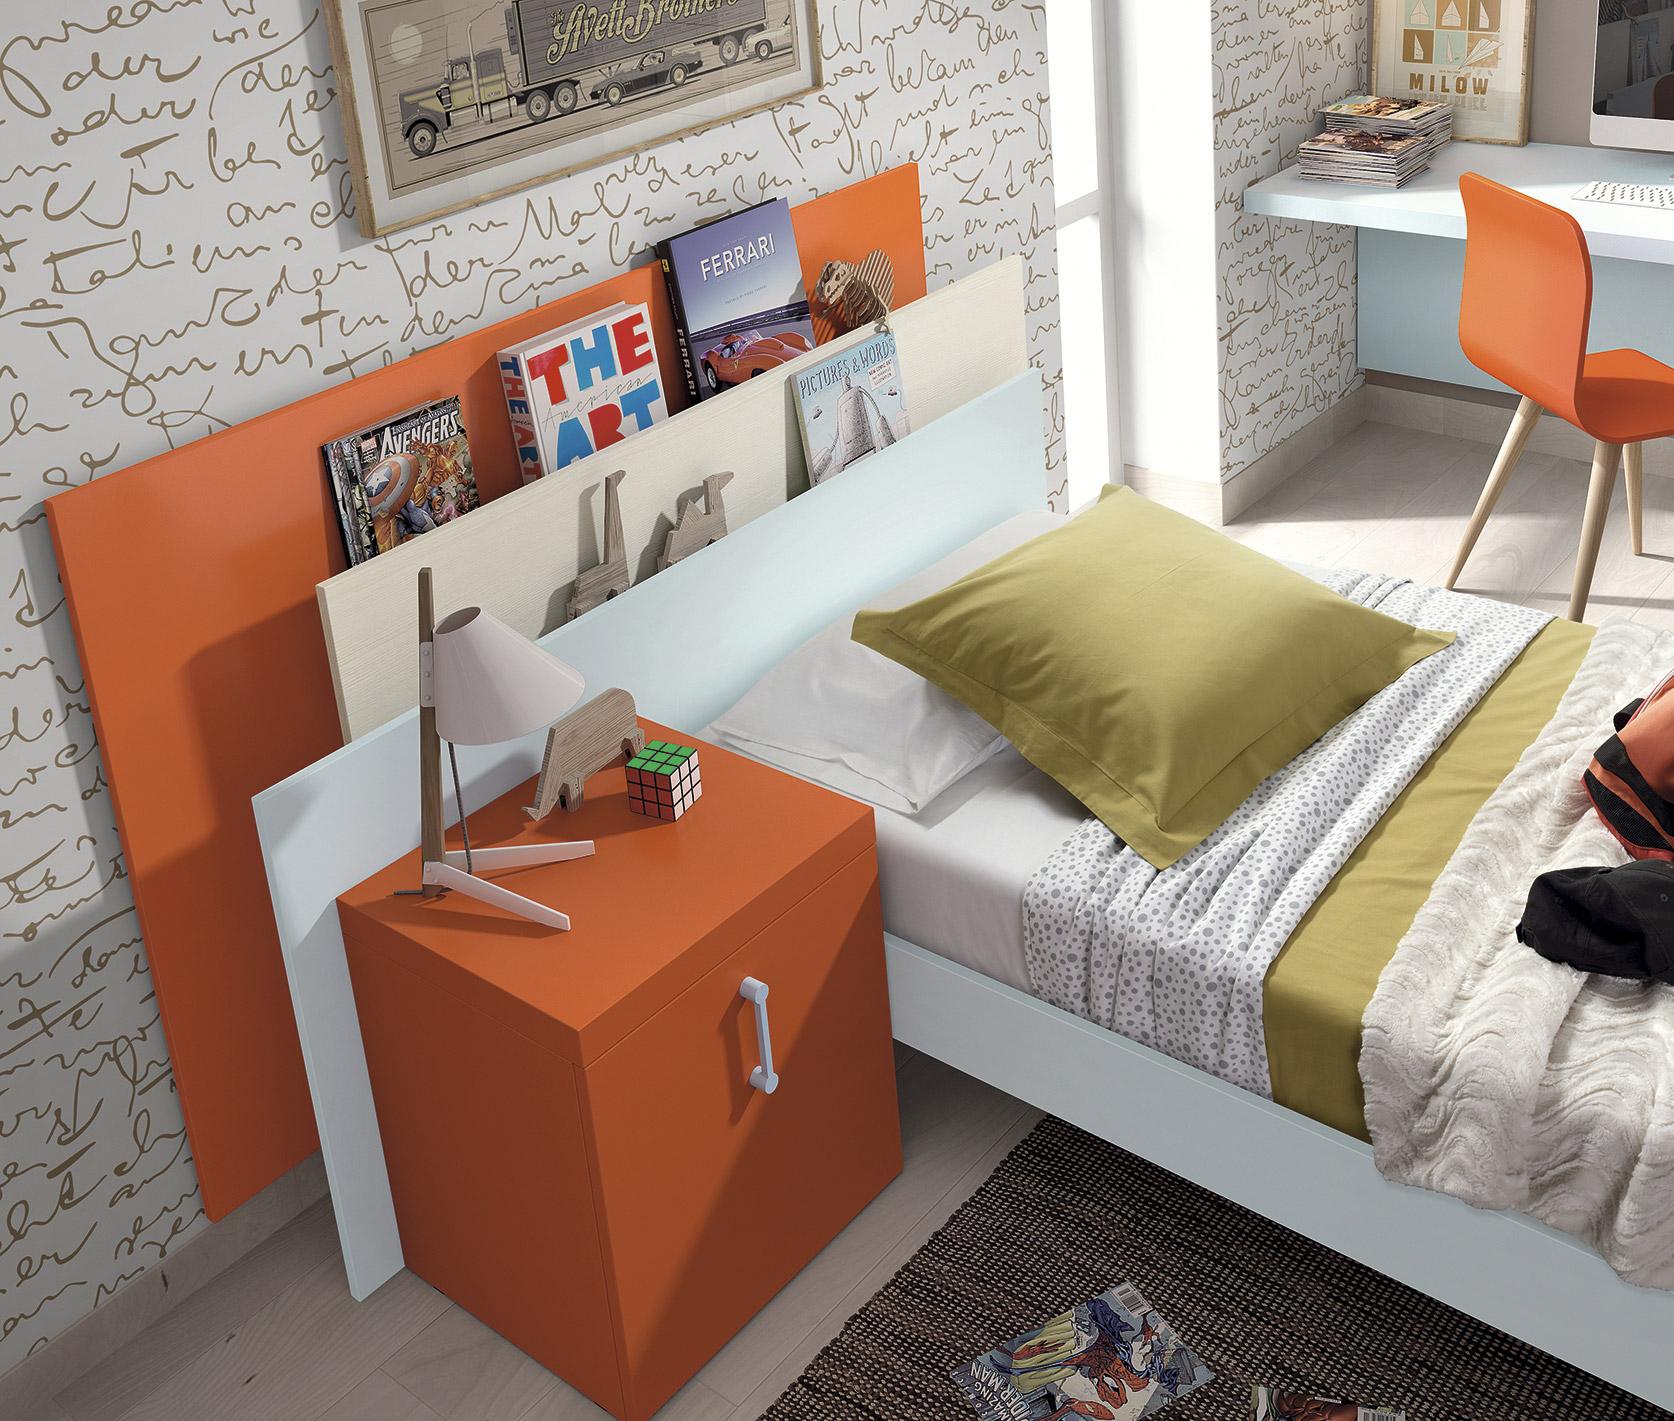 Dormitorio Juvenil Cervera Muebles D Azmuebles D Az # Muebles Cervera